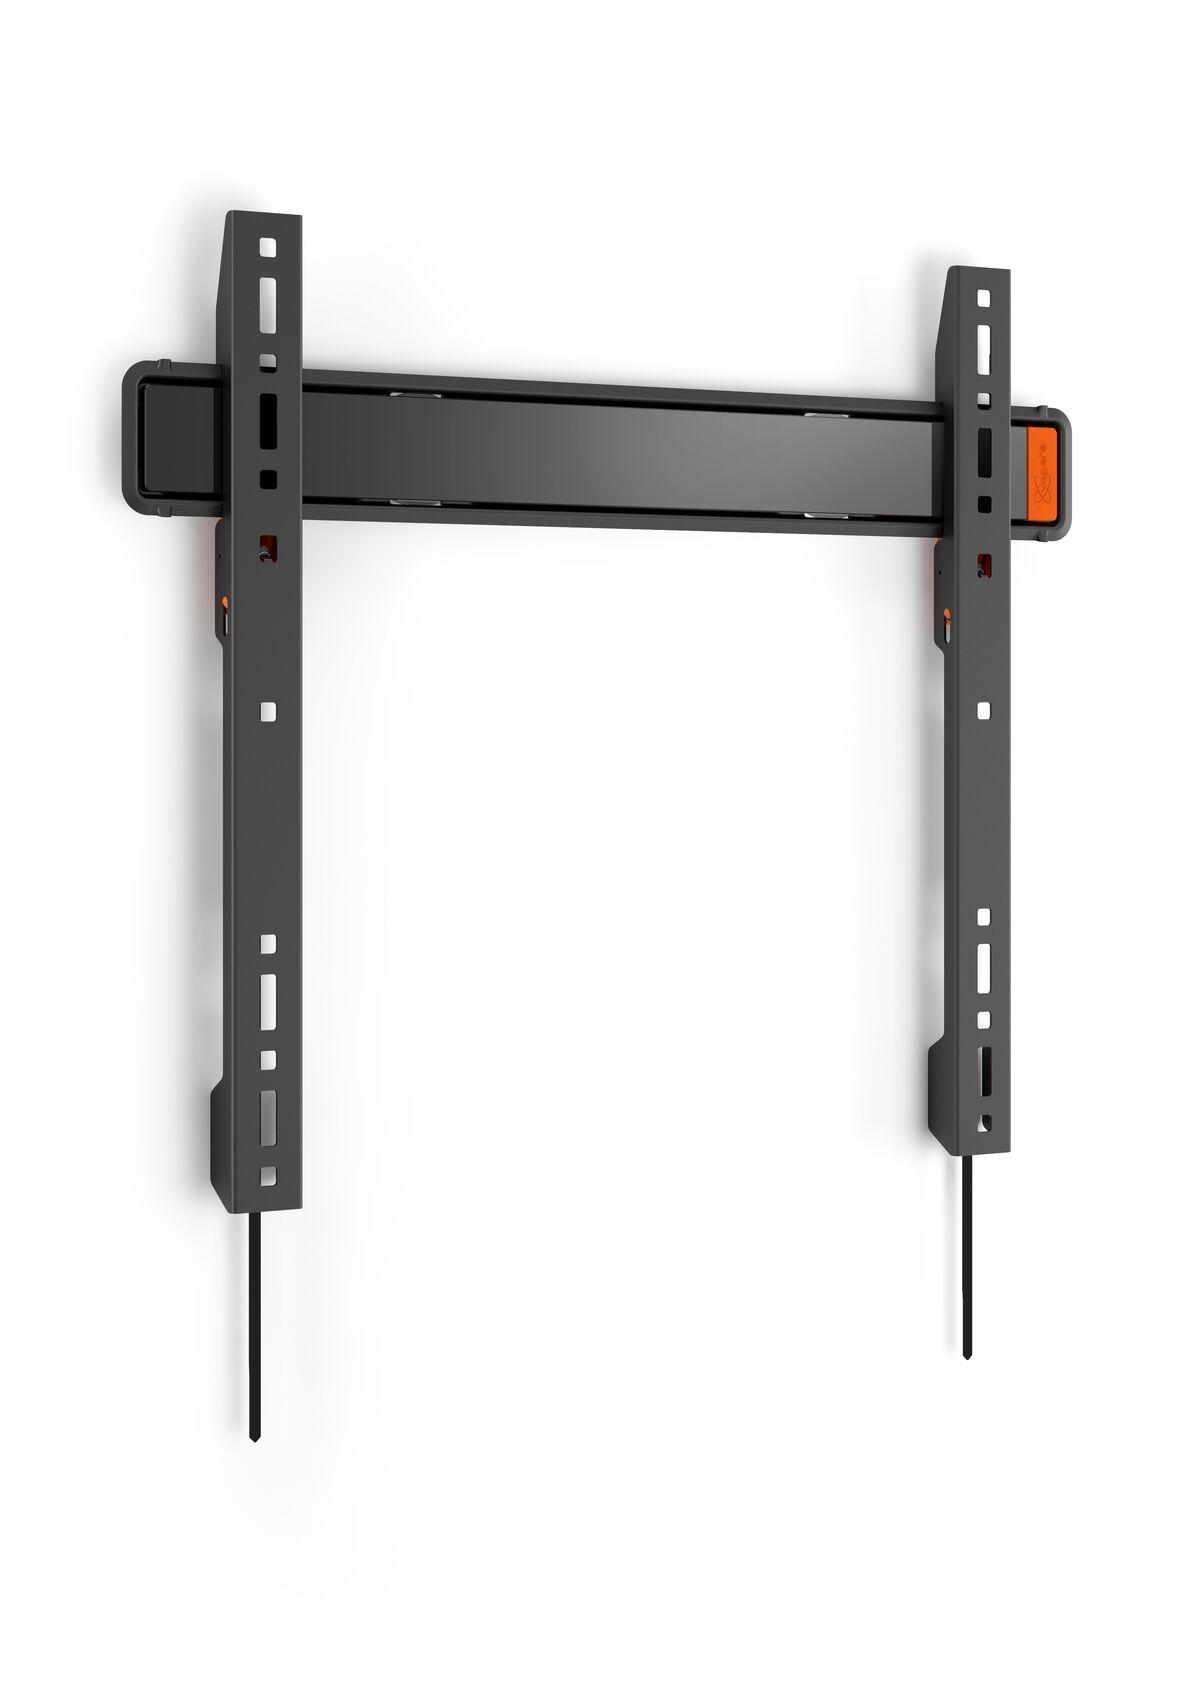 Vogel's WALL 3205 Support TV Fixe - Convient aux téléviseurs de 32 à 55 pouces jusqu'à 50 kg - Product